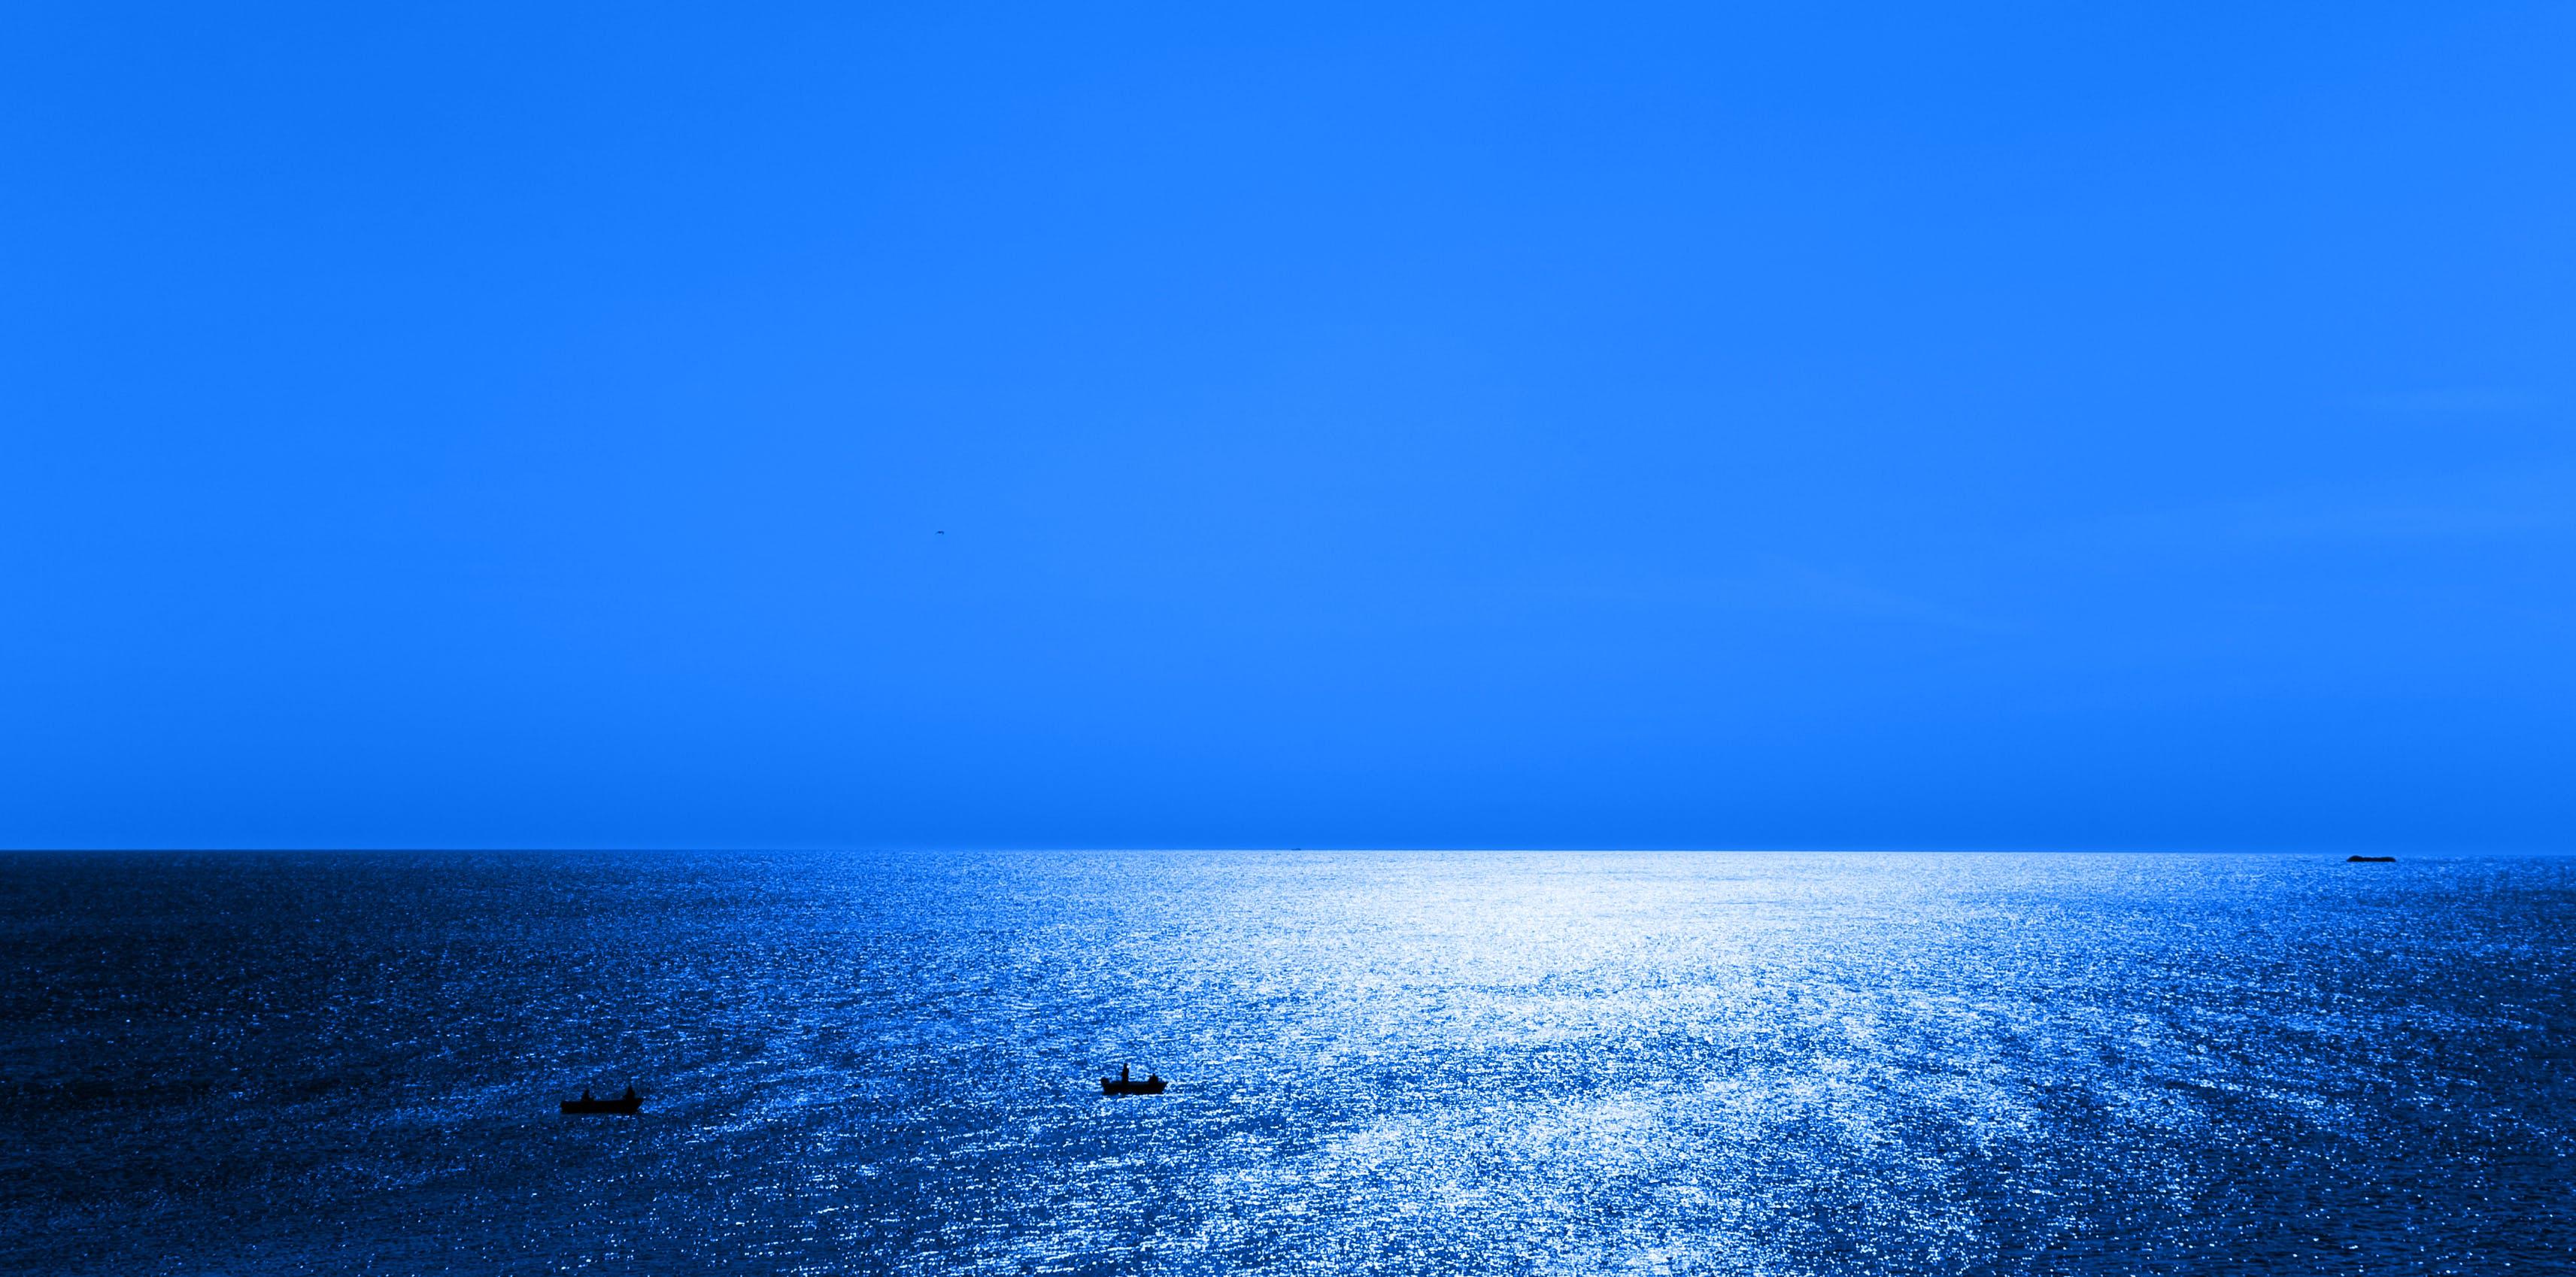 Kostenloses Stock Foto zu meer, natur, himmel, wasser